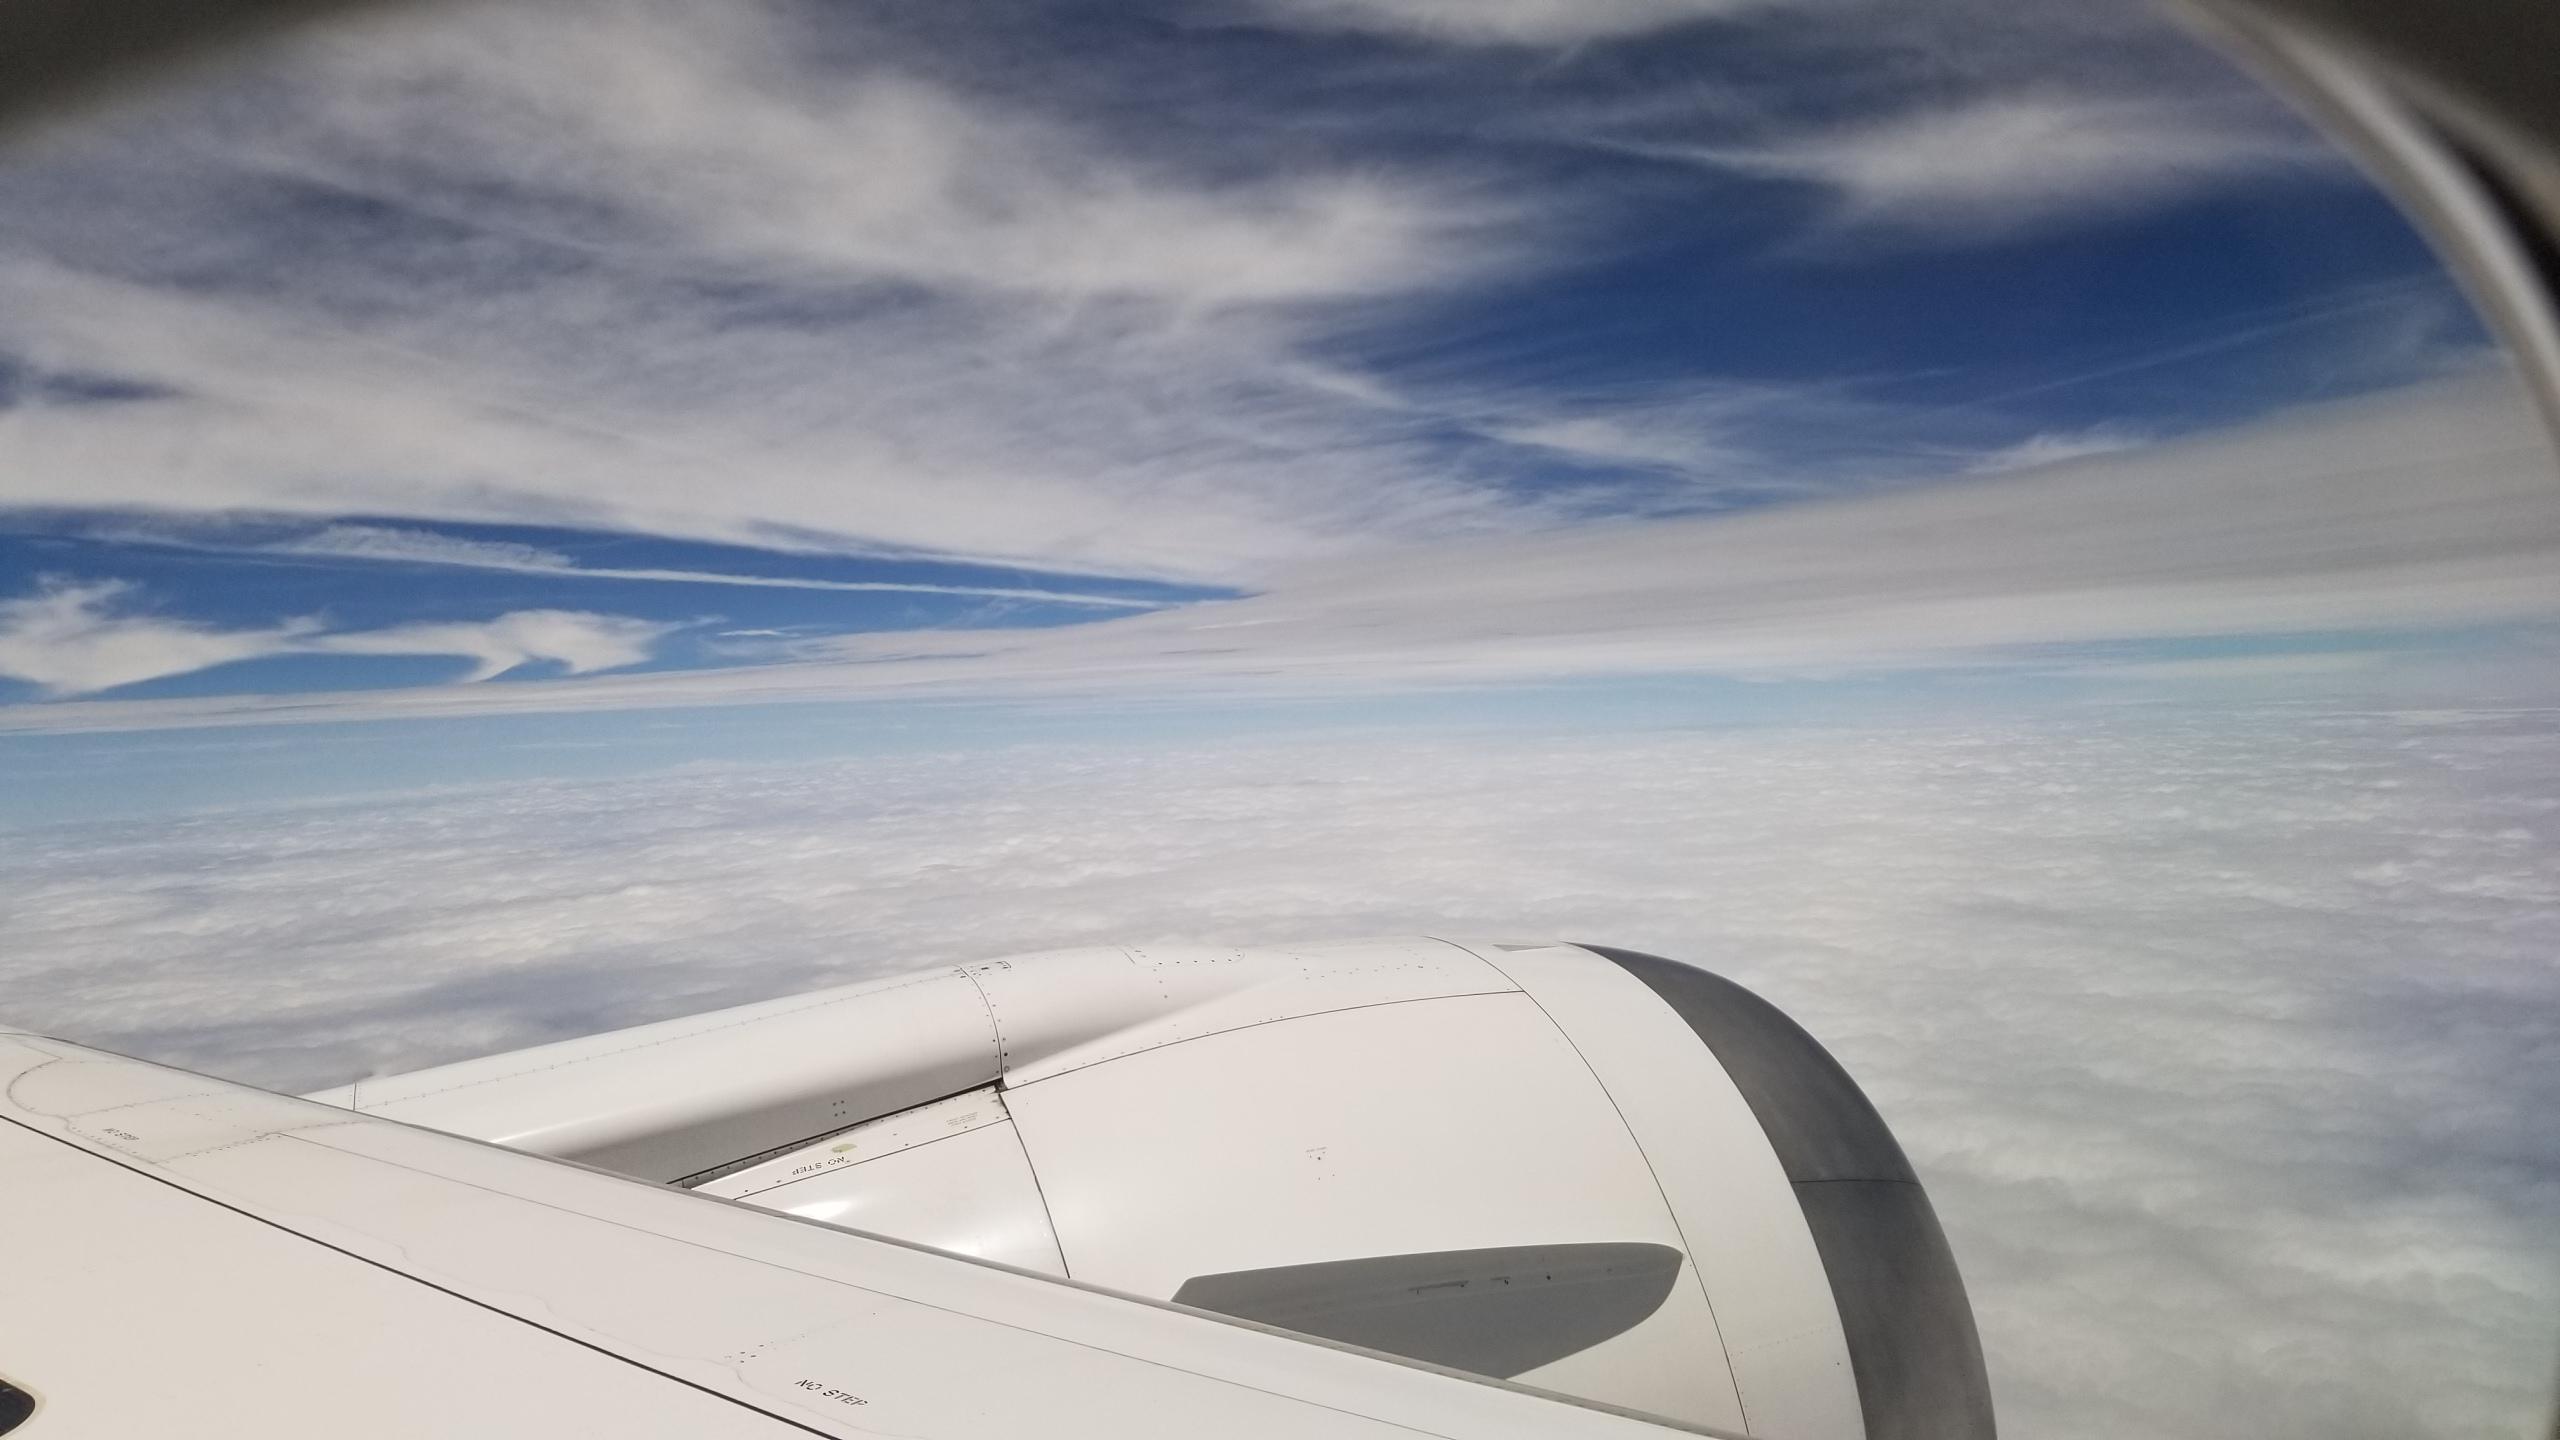 東京イベントへ飛行機で向かう,綺麗な景色,風景,雲,青空,快晴,爽快感